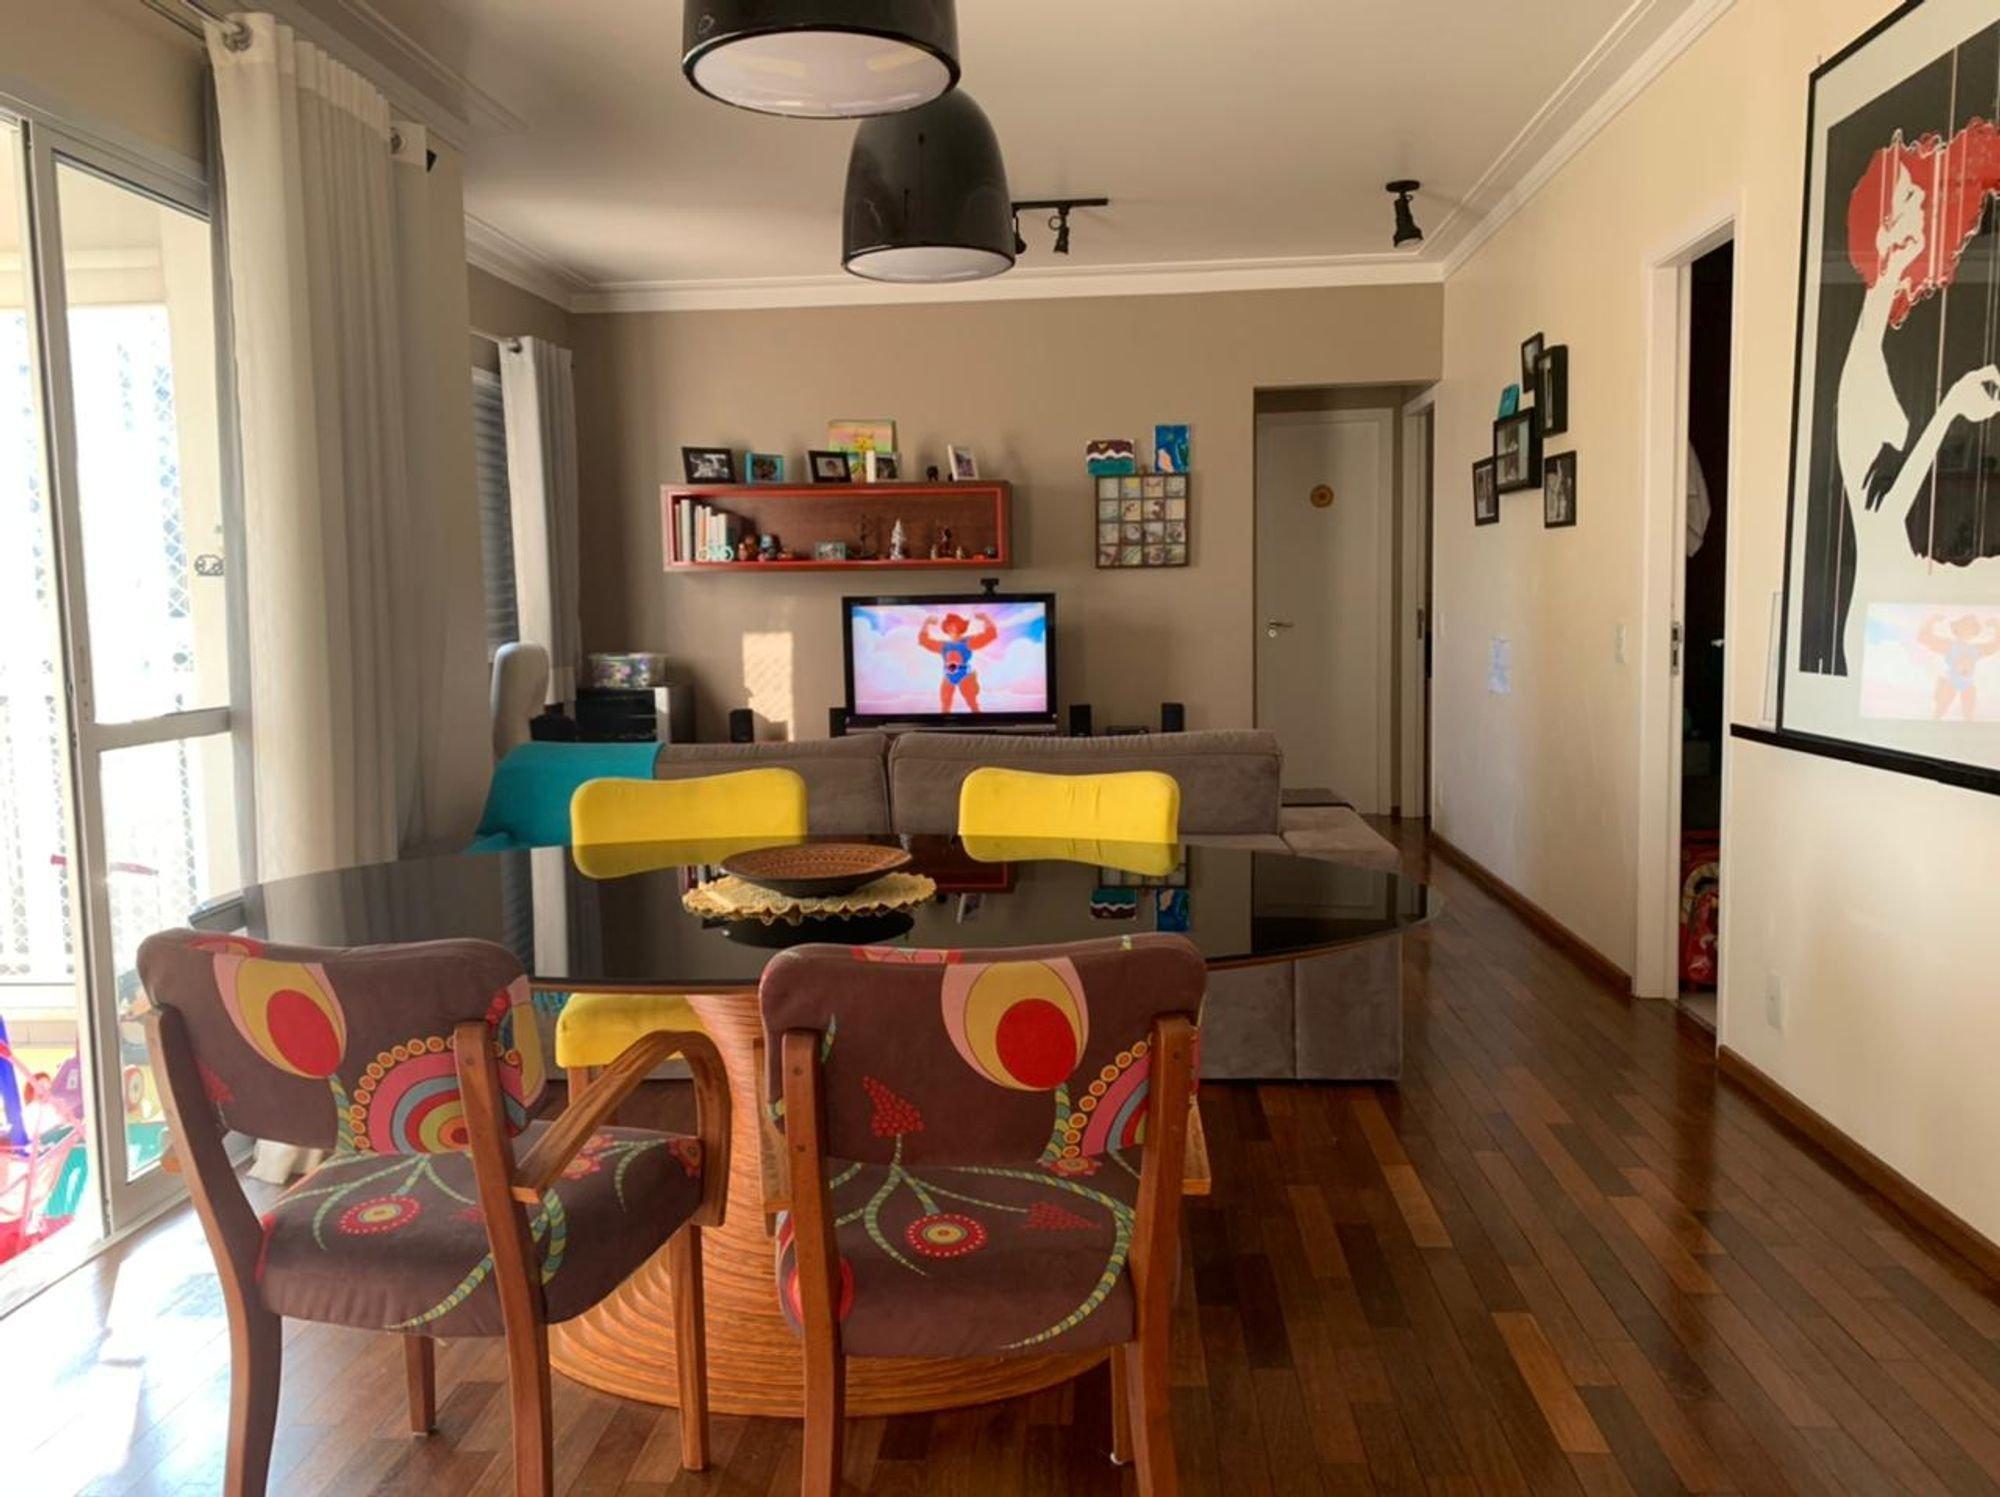 Foto de Varanda com televisão, tigela, cadeira, mesa de jantar